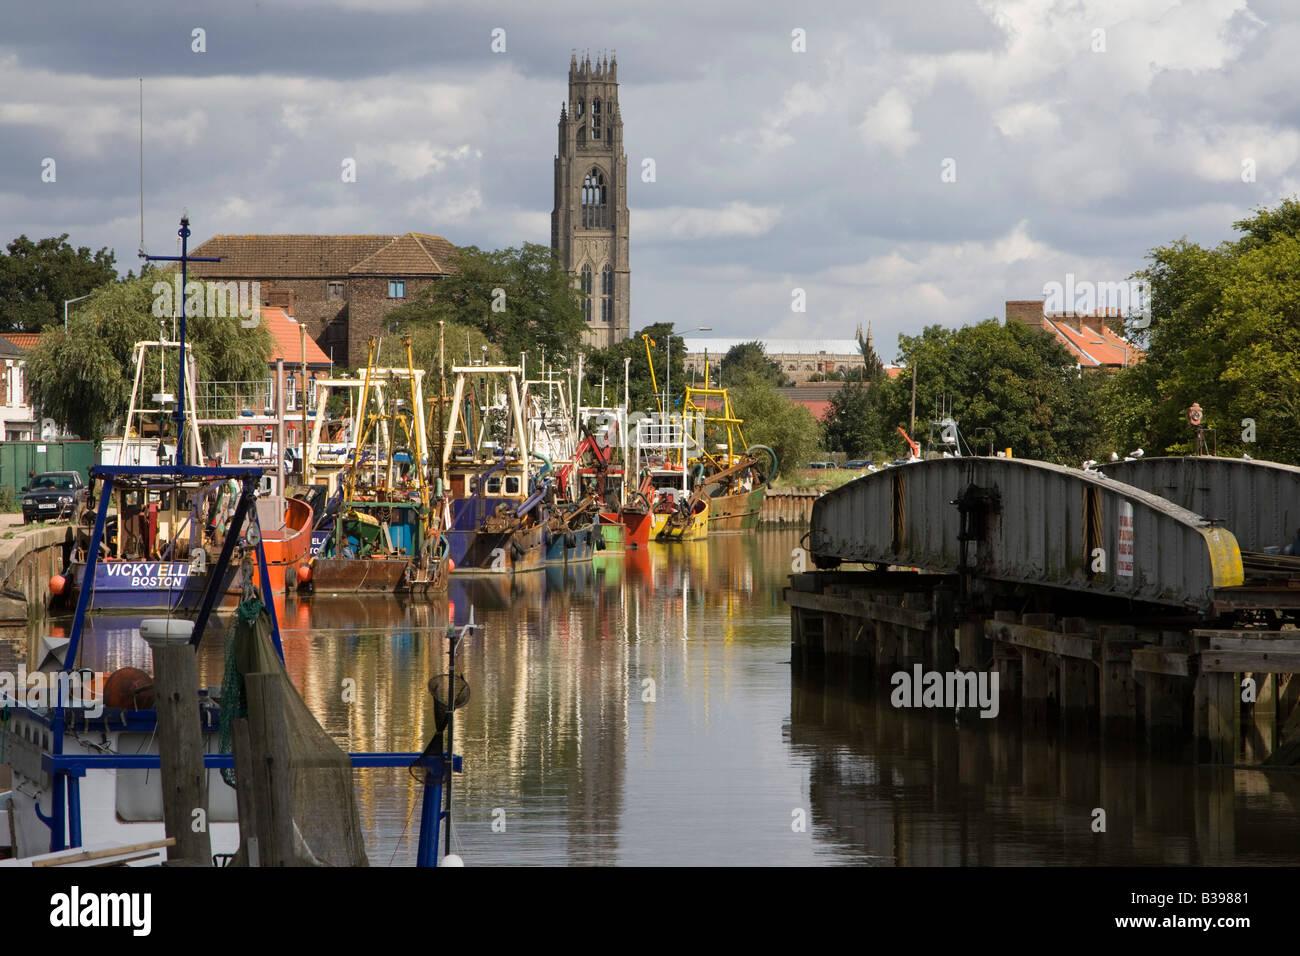 La haven boston riverside barche lincolnshire Inghilterra Immagini Stock